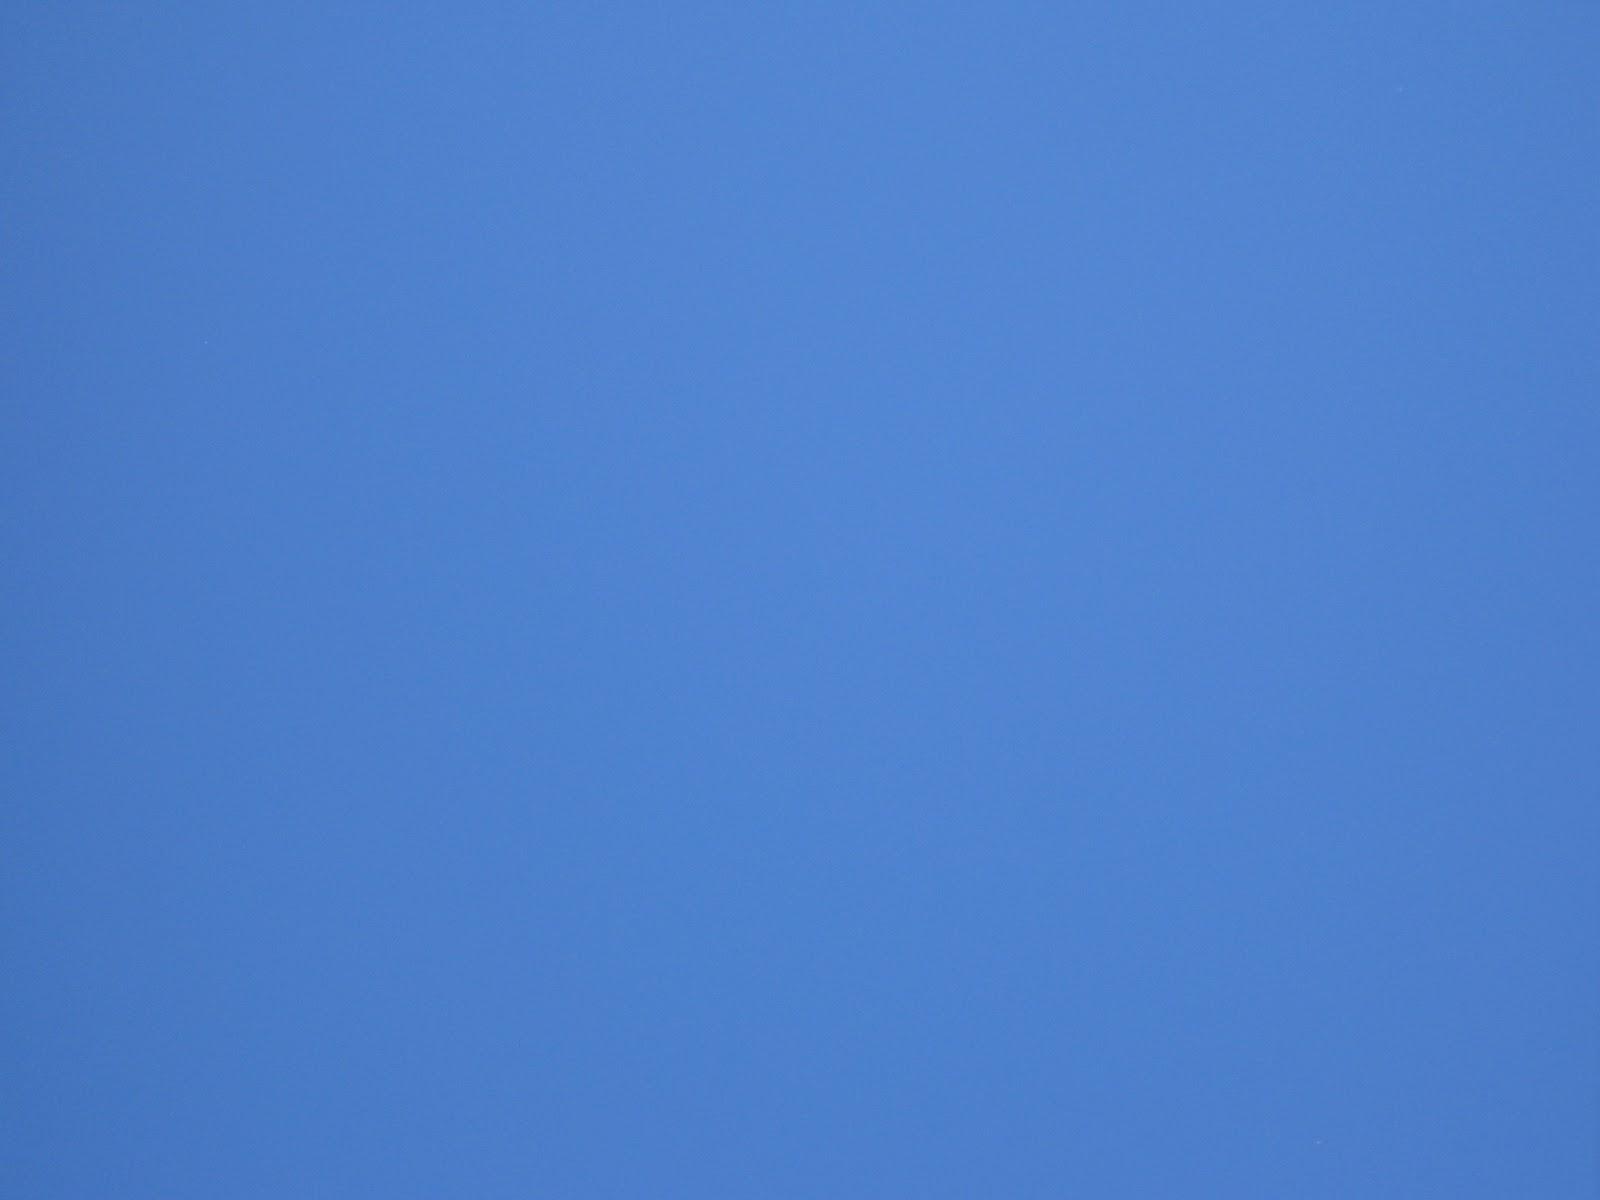 Le pre bonnet blauw enzo - Kleur blauw olie ...